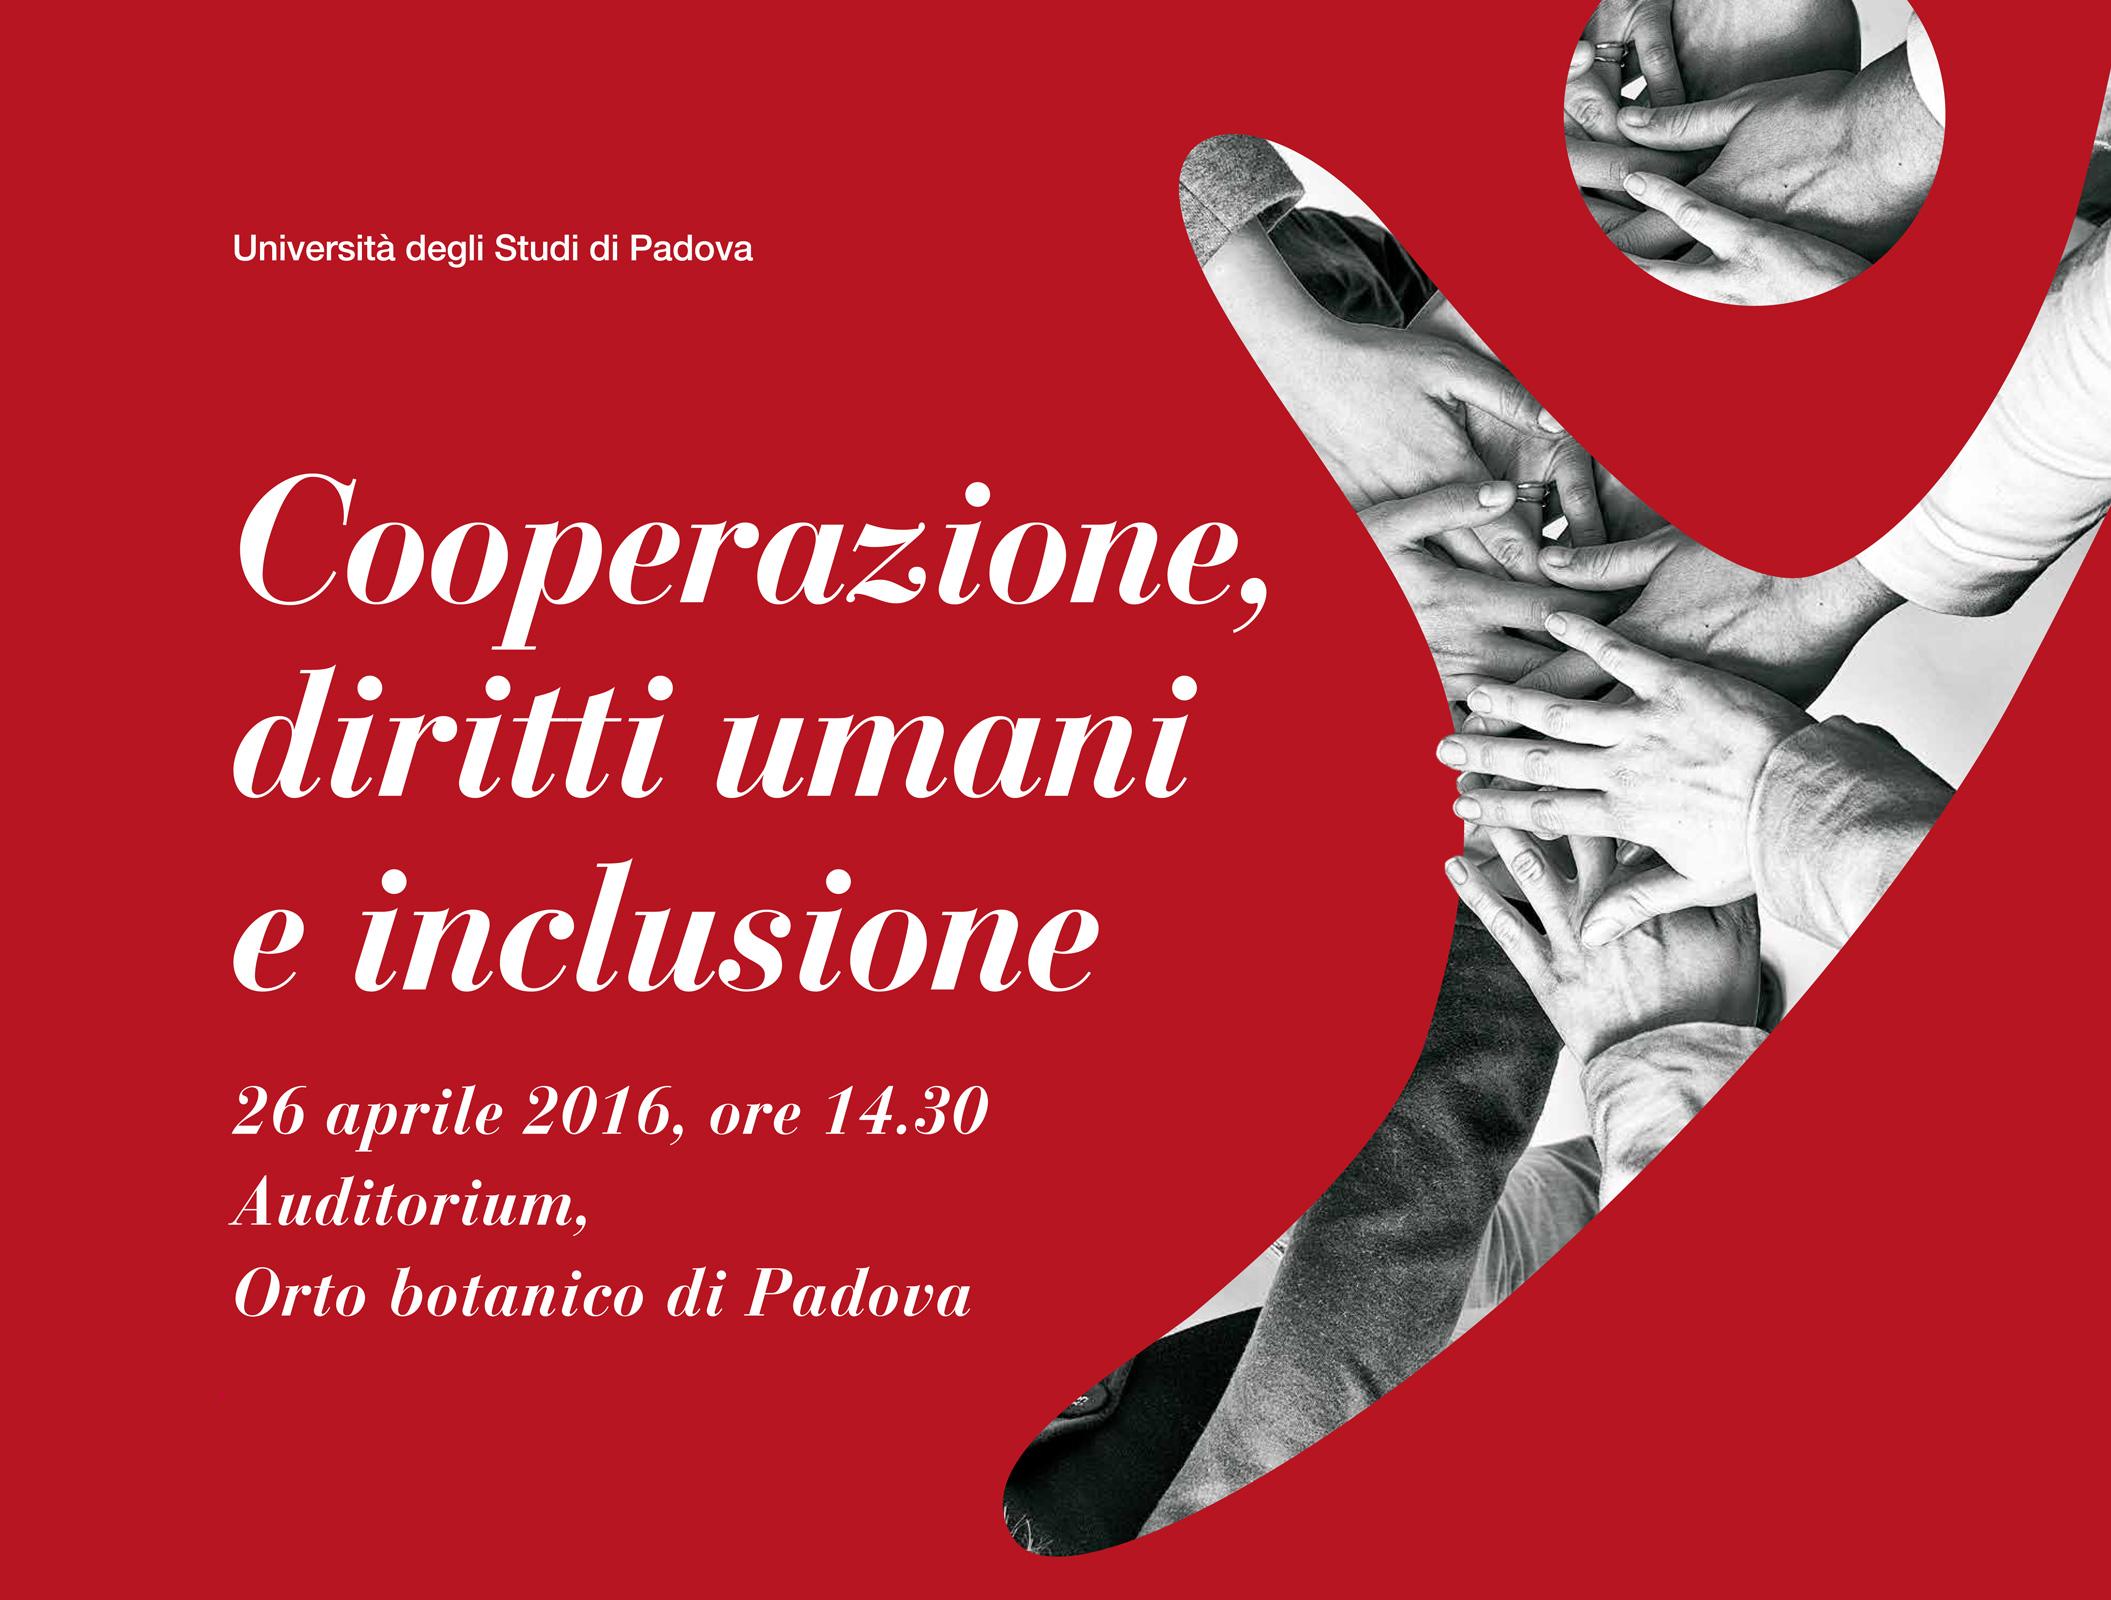 Cooperazione, diritti umani e inclusione, Padova, 26 aprile 2016